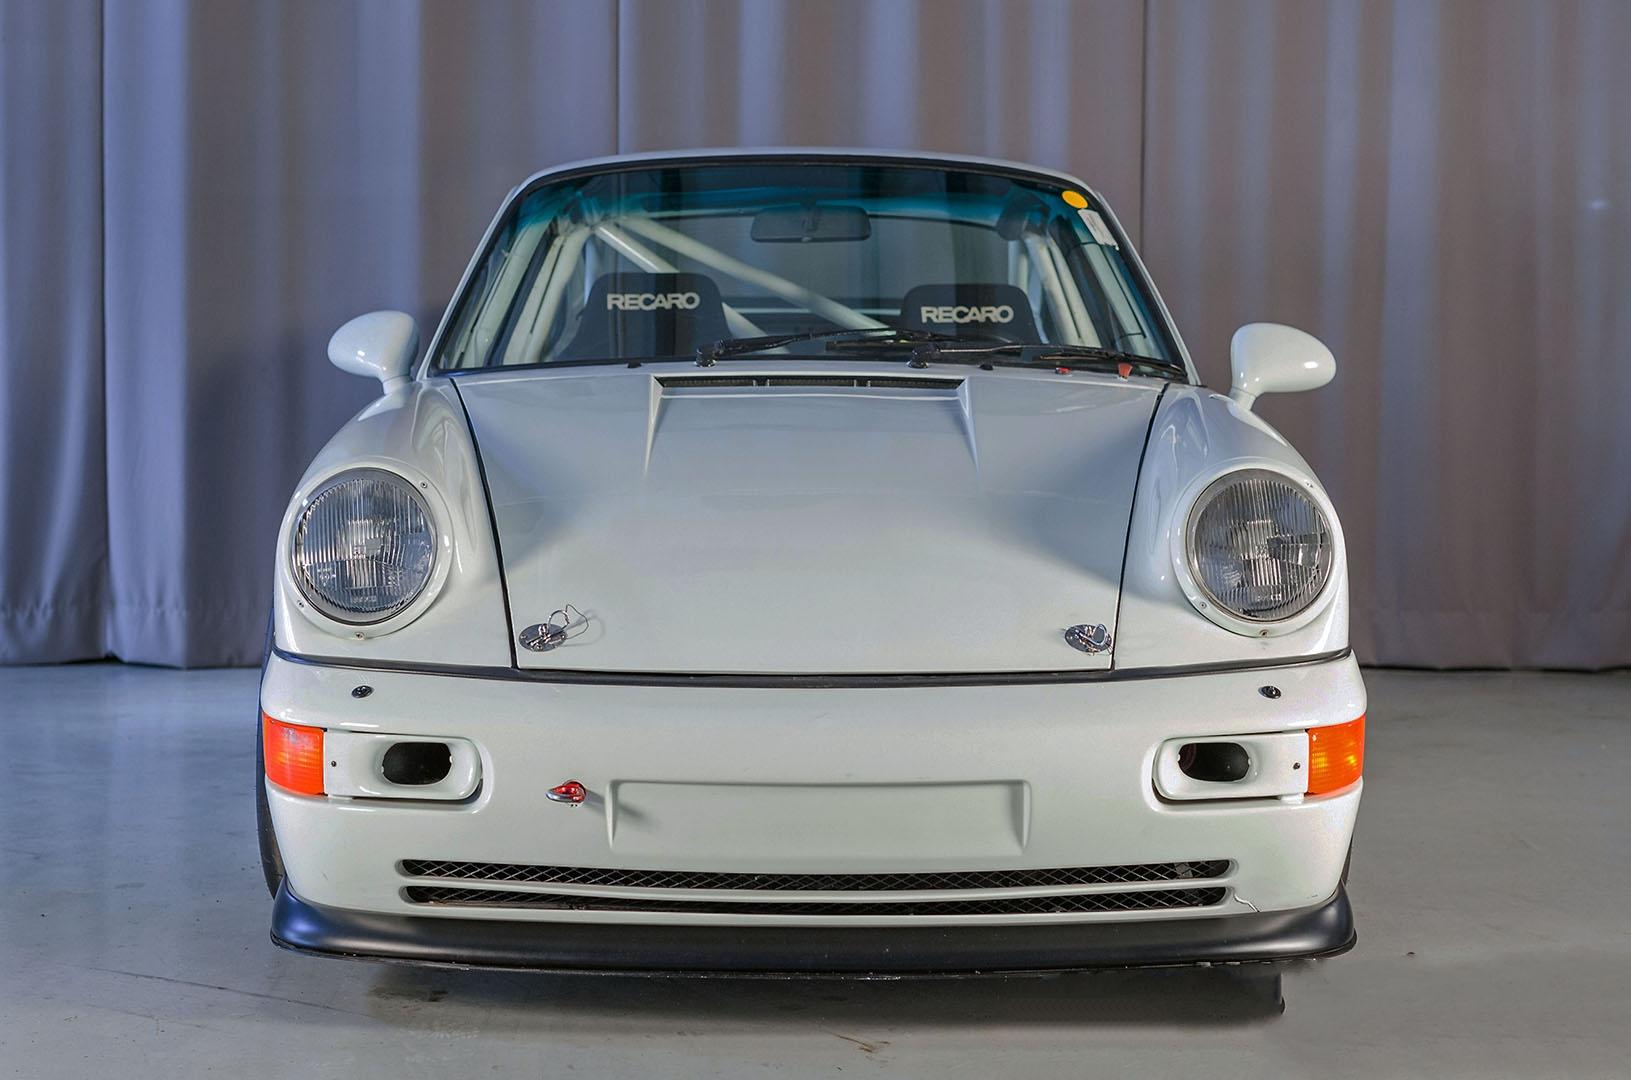 1992B_Porsche_964_RS_NGT_Race_car003.jpg